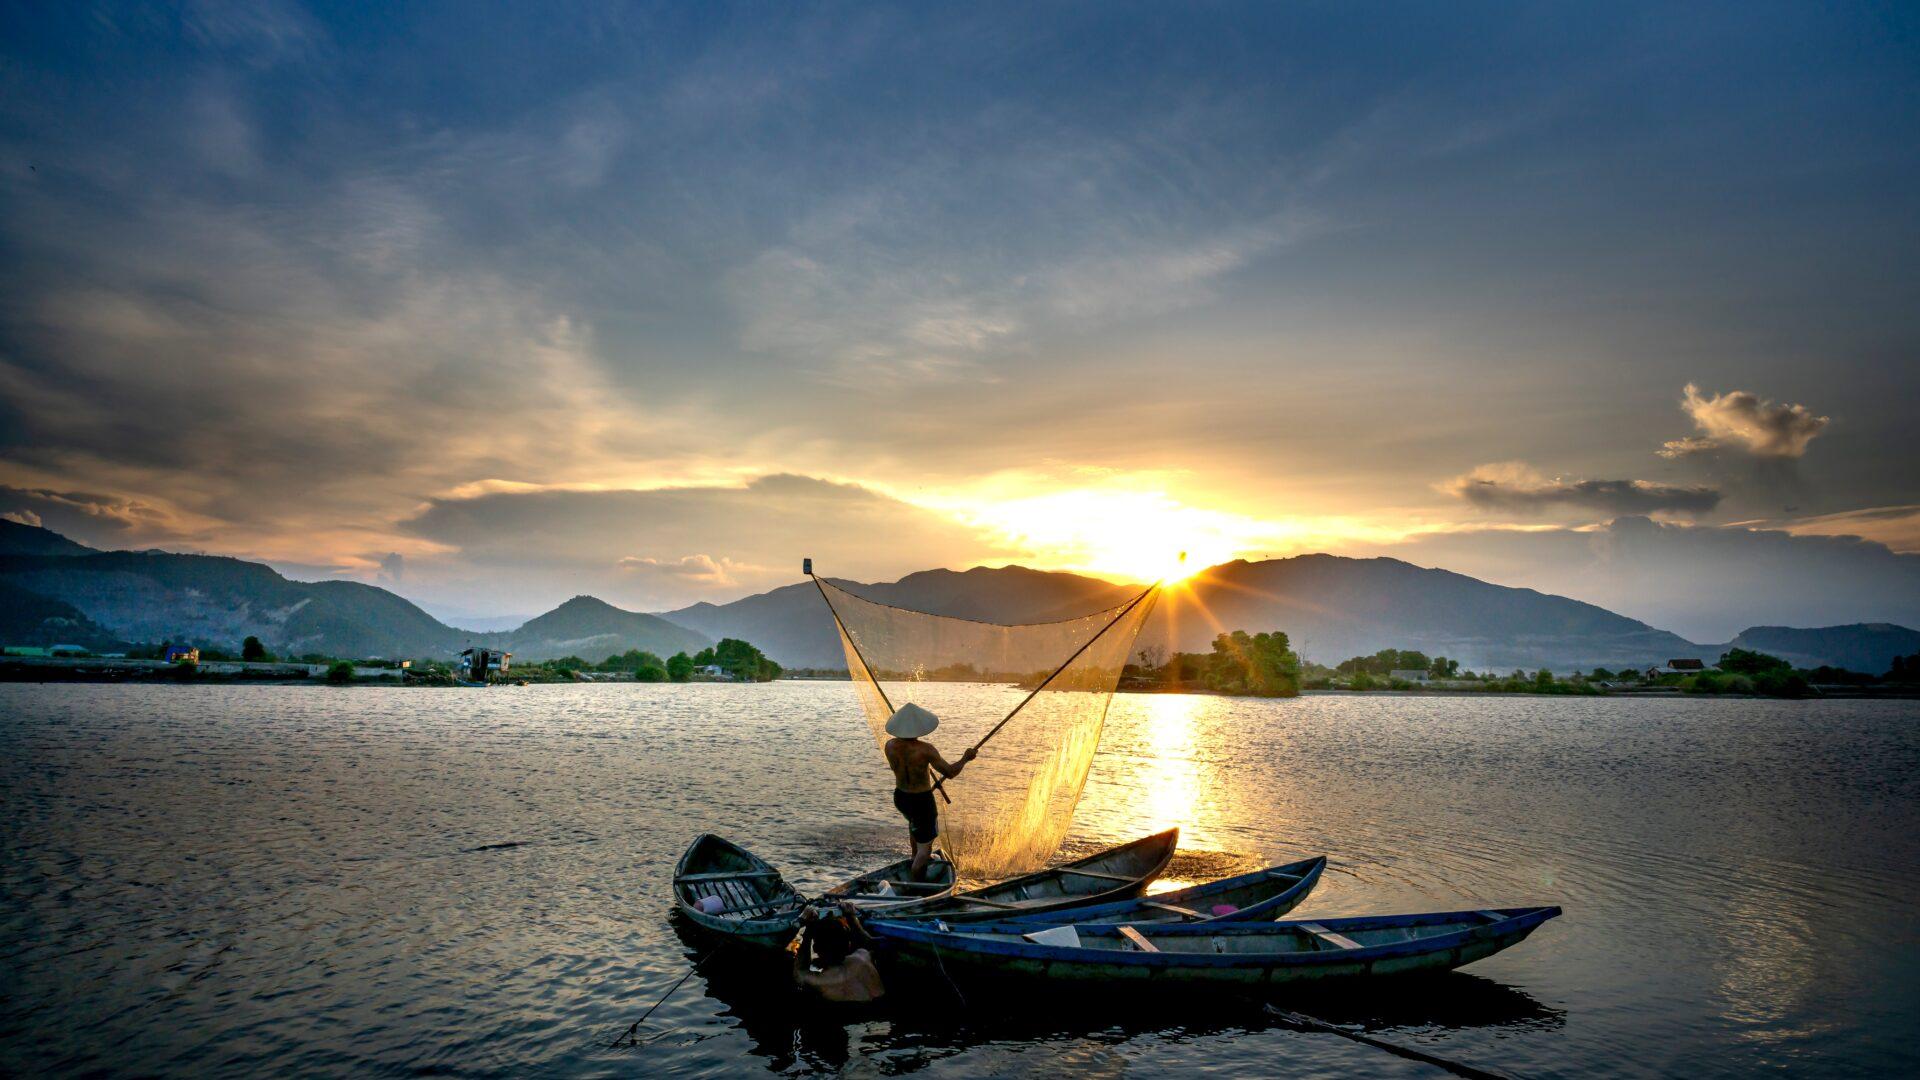 ミャンマーの美しい景色